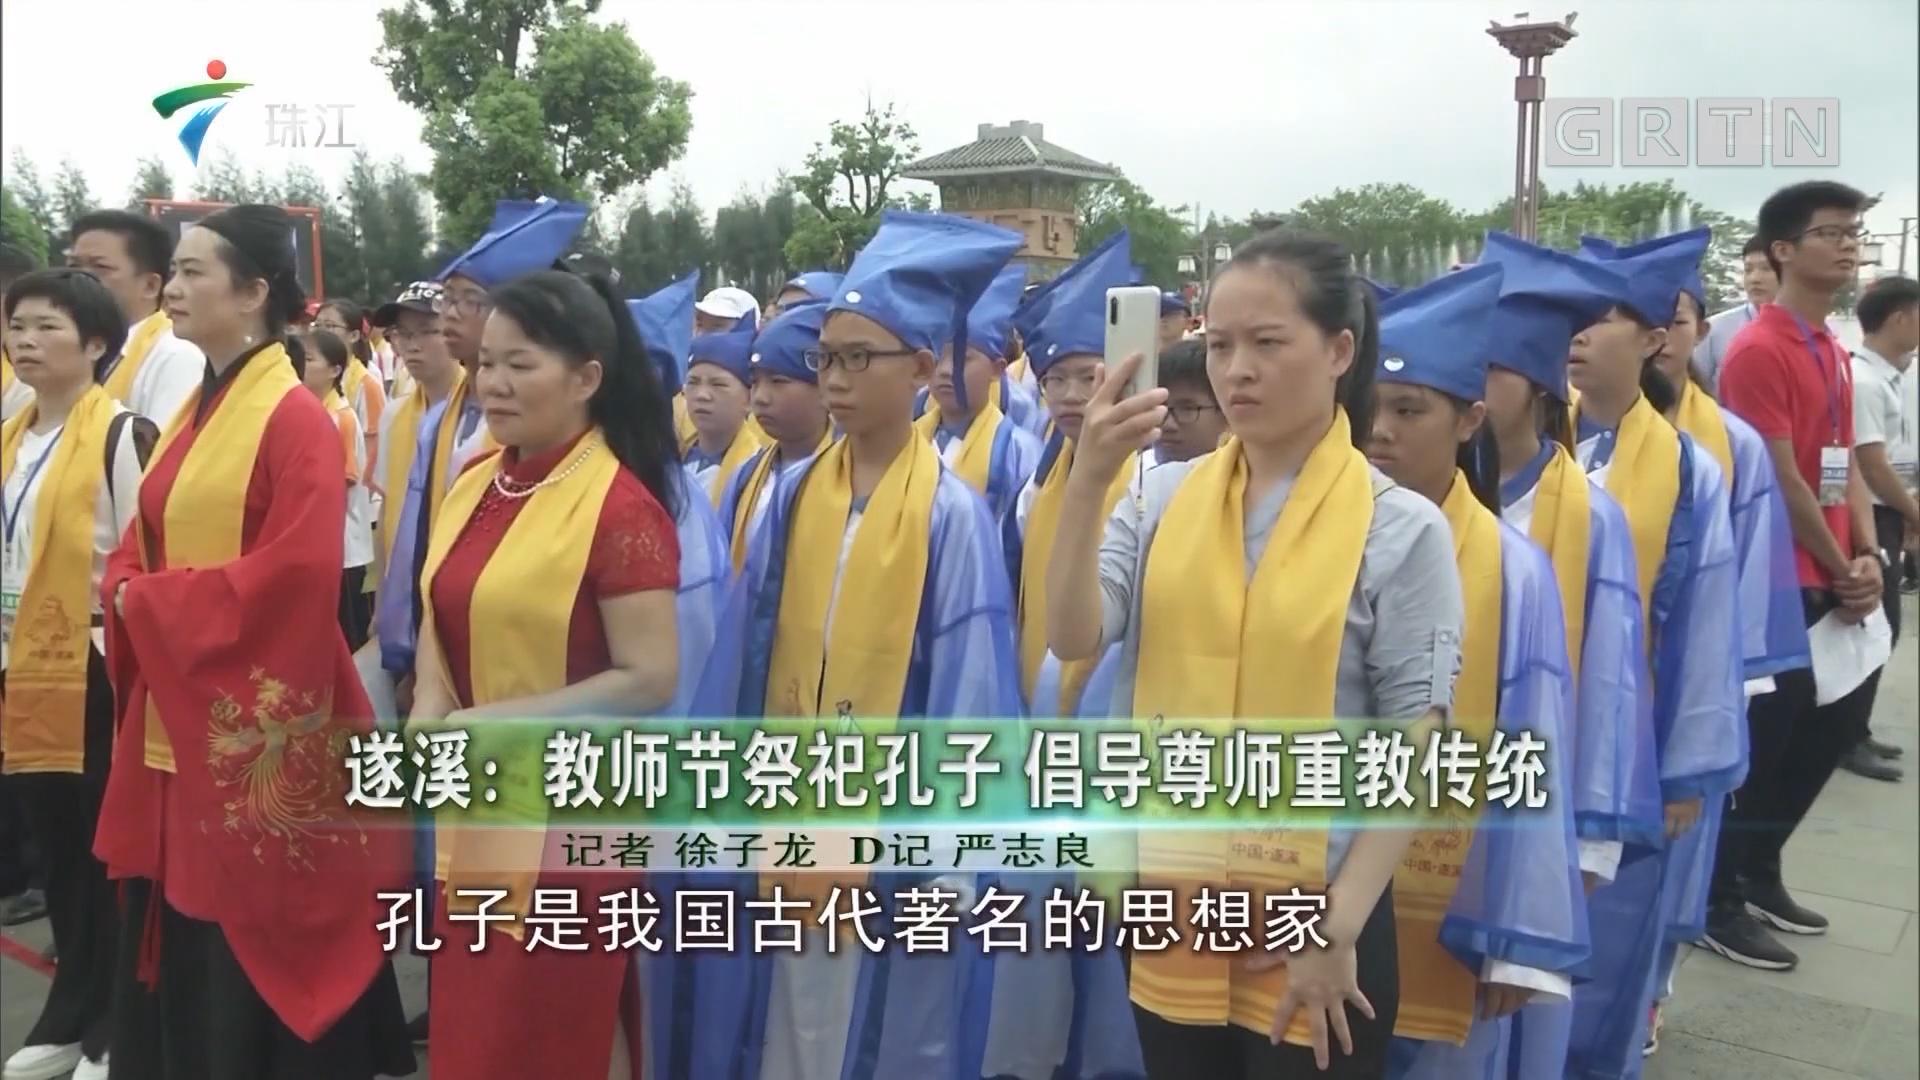 遂溪:教师节祭祀孔子 倡导尊师重教传统